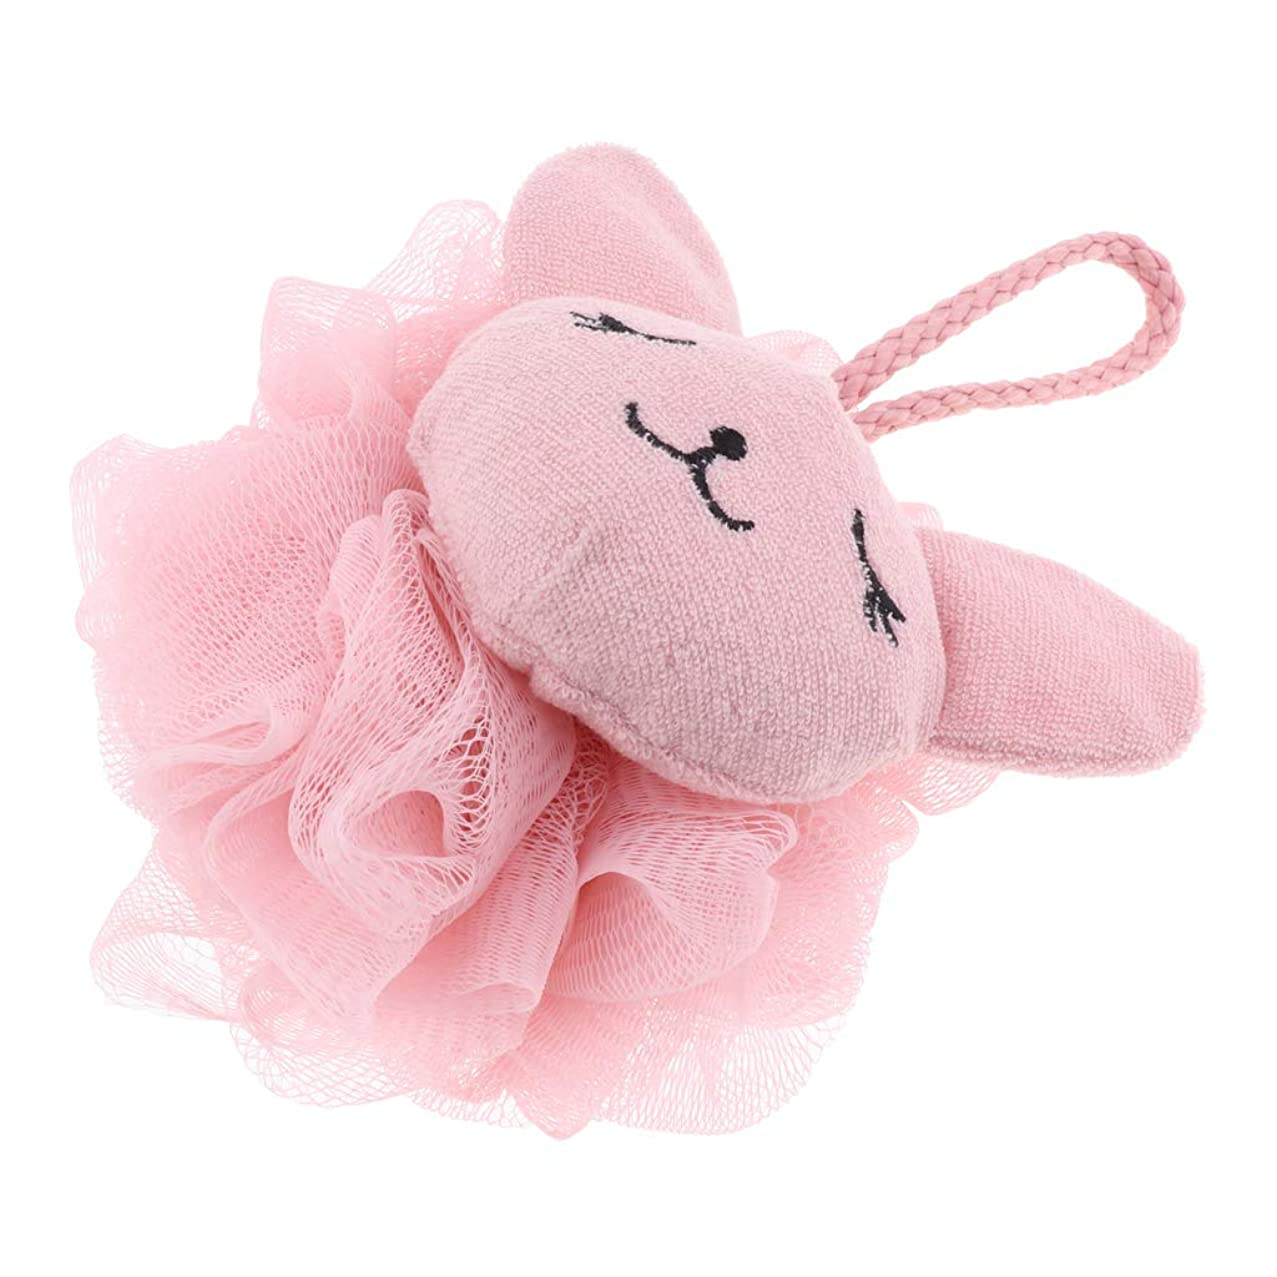 お金ゴム割り当てます家族Fenteer ボディ用お風呂ボール ボディスポンジ 漫画 動物 シャワー用 ソフト 快適 全2色 - ピンク